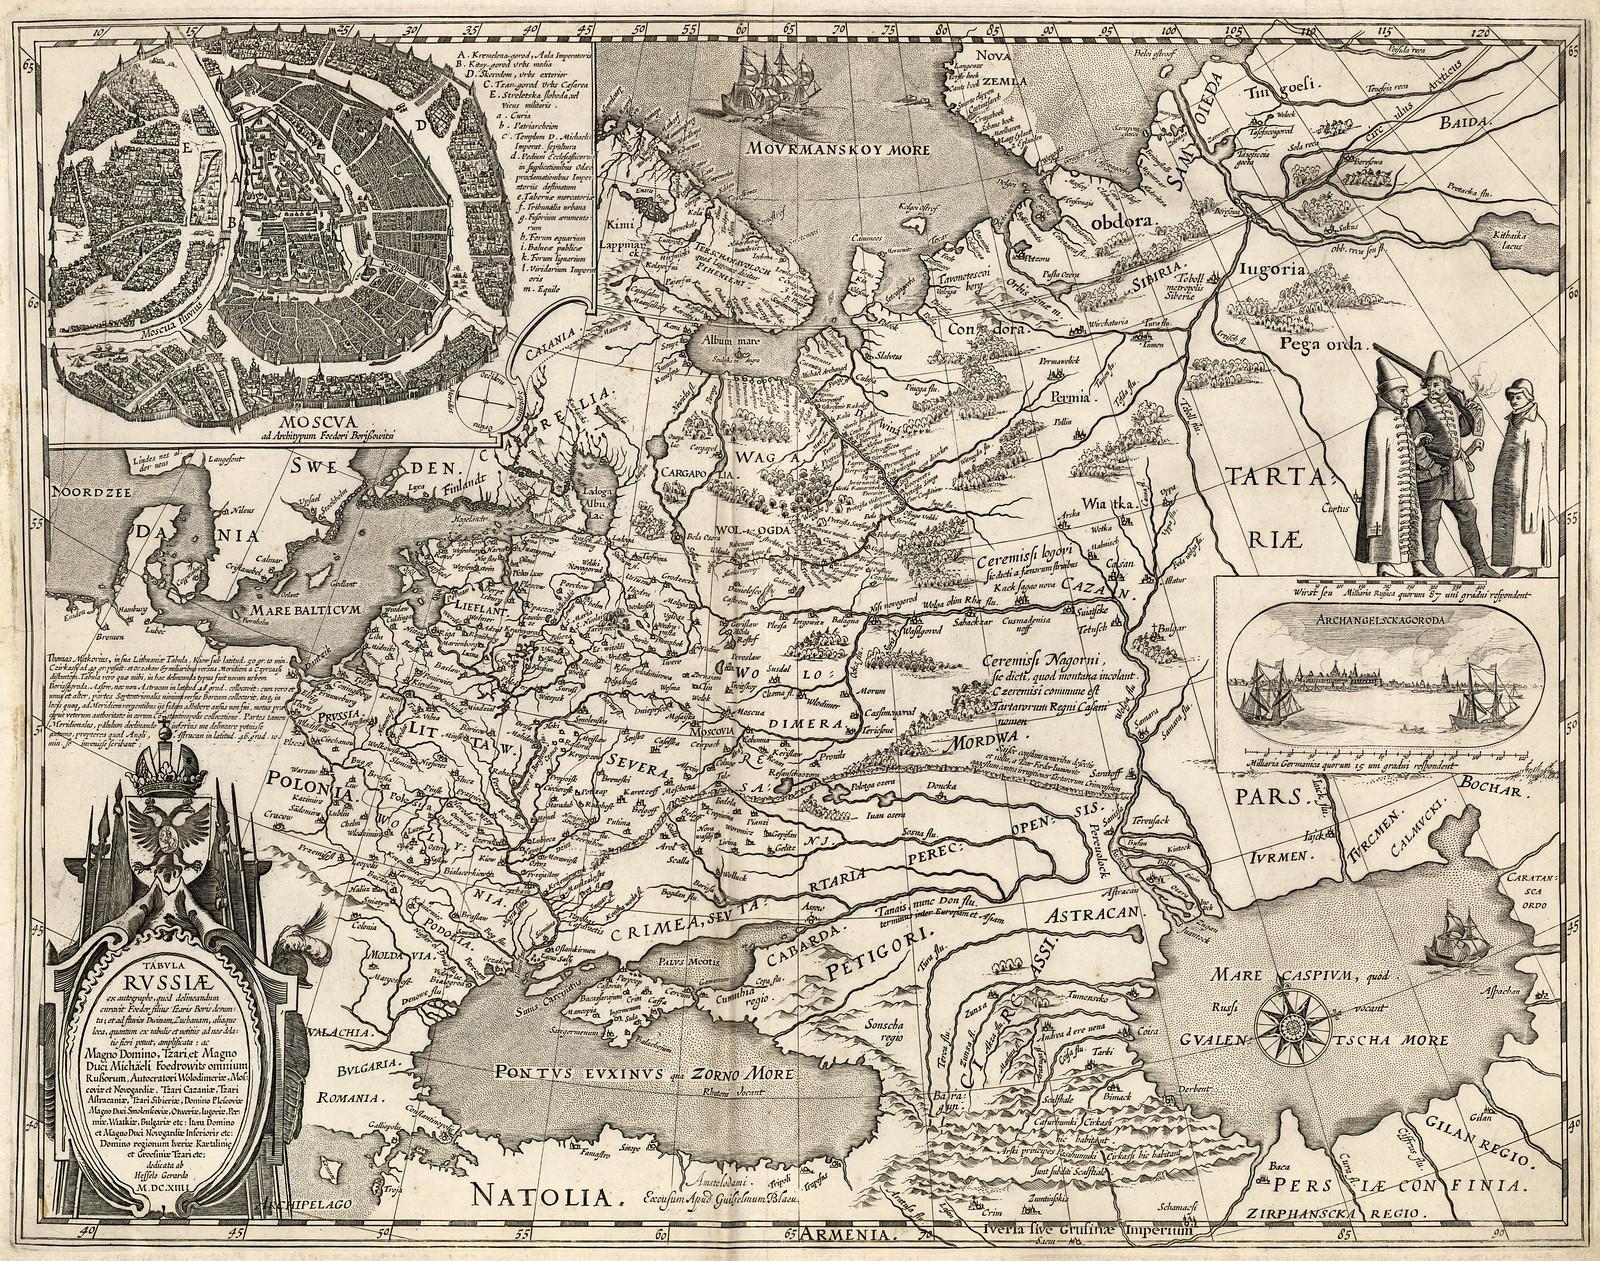 1614. Карта России и ее севера, а так же карта Москвы